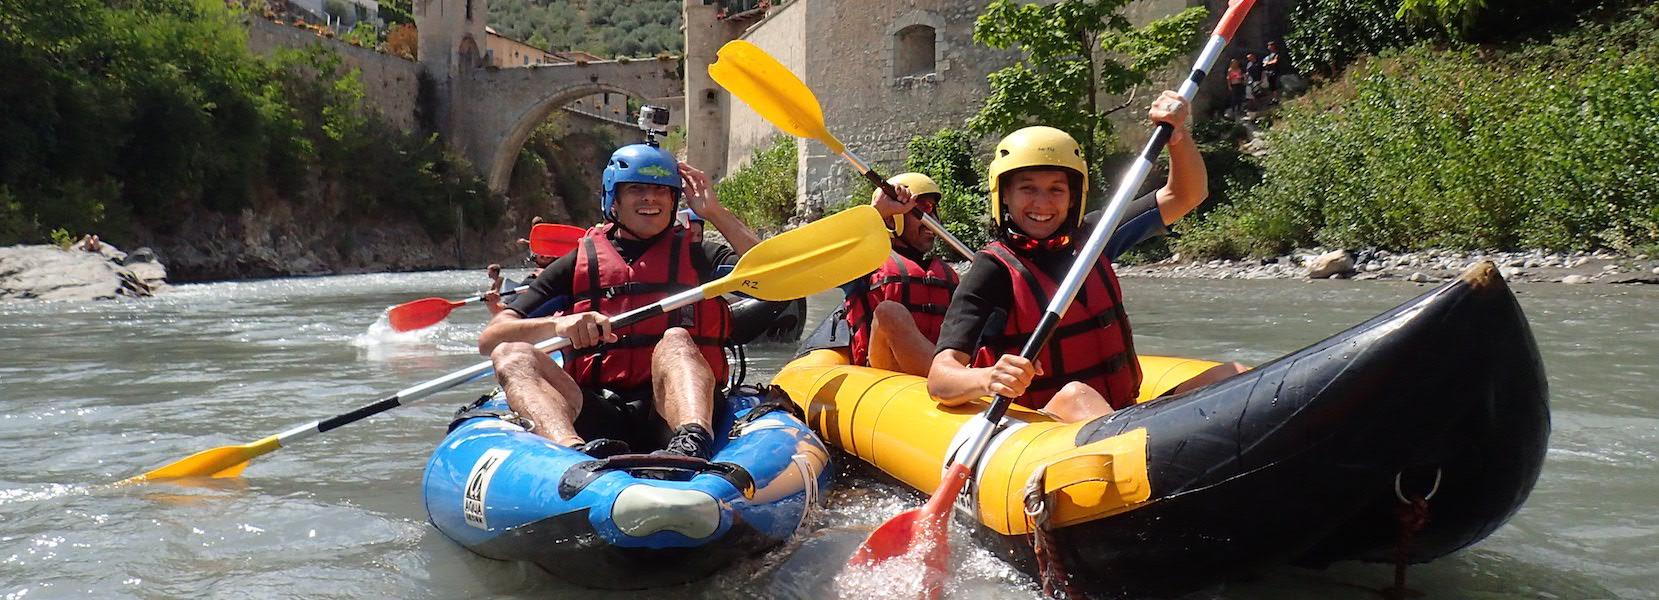 Descente en kayak sur le Var entre Entrevaux et Puget-théniers.